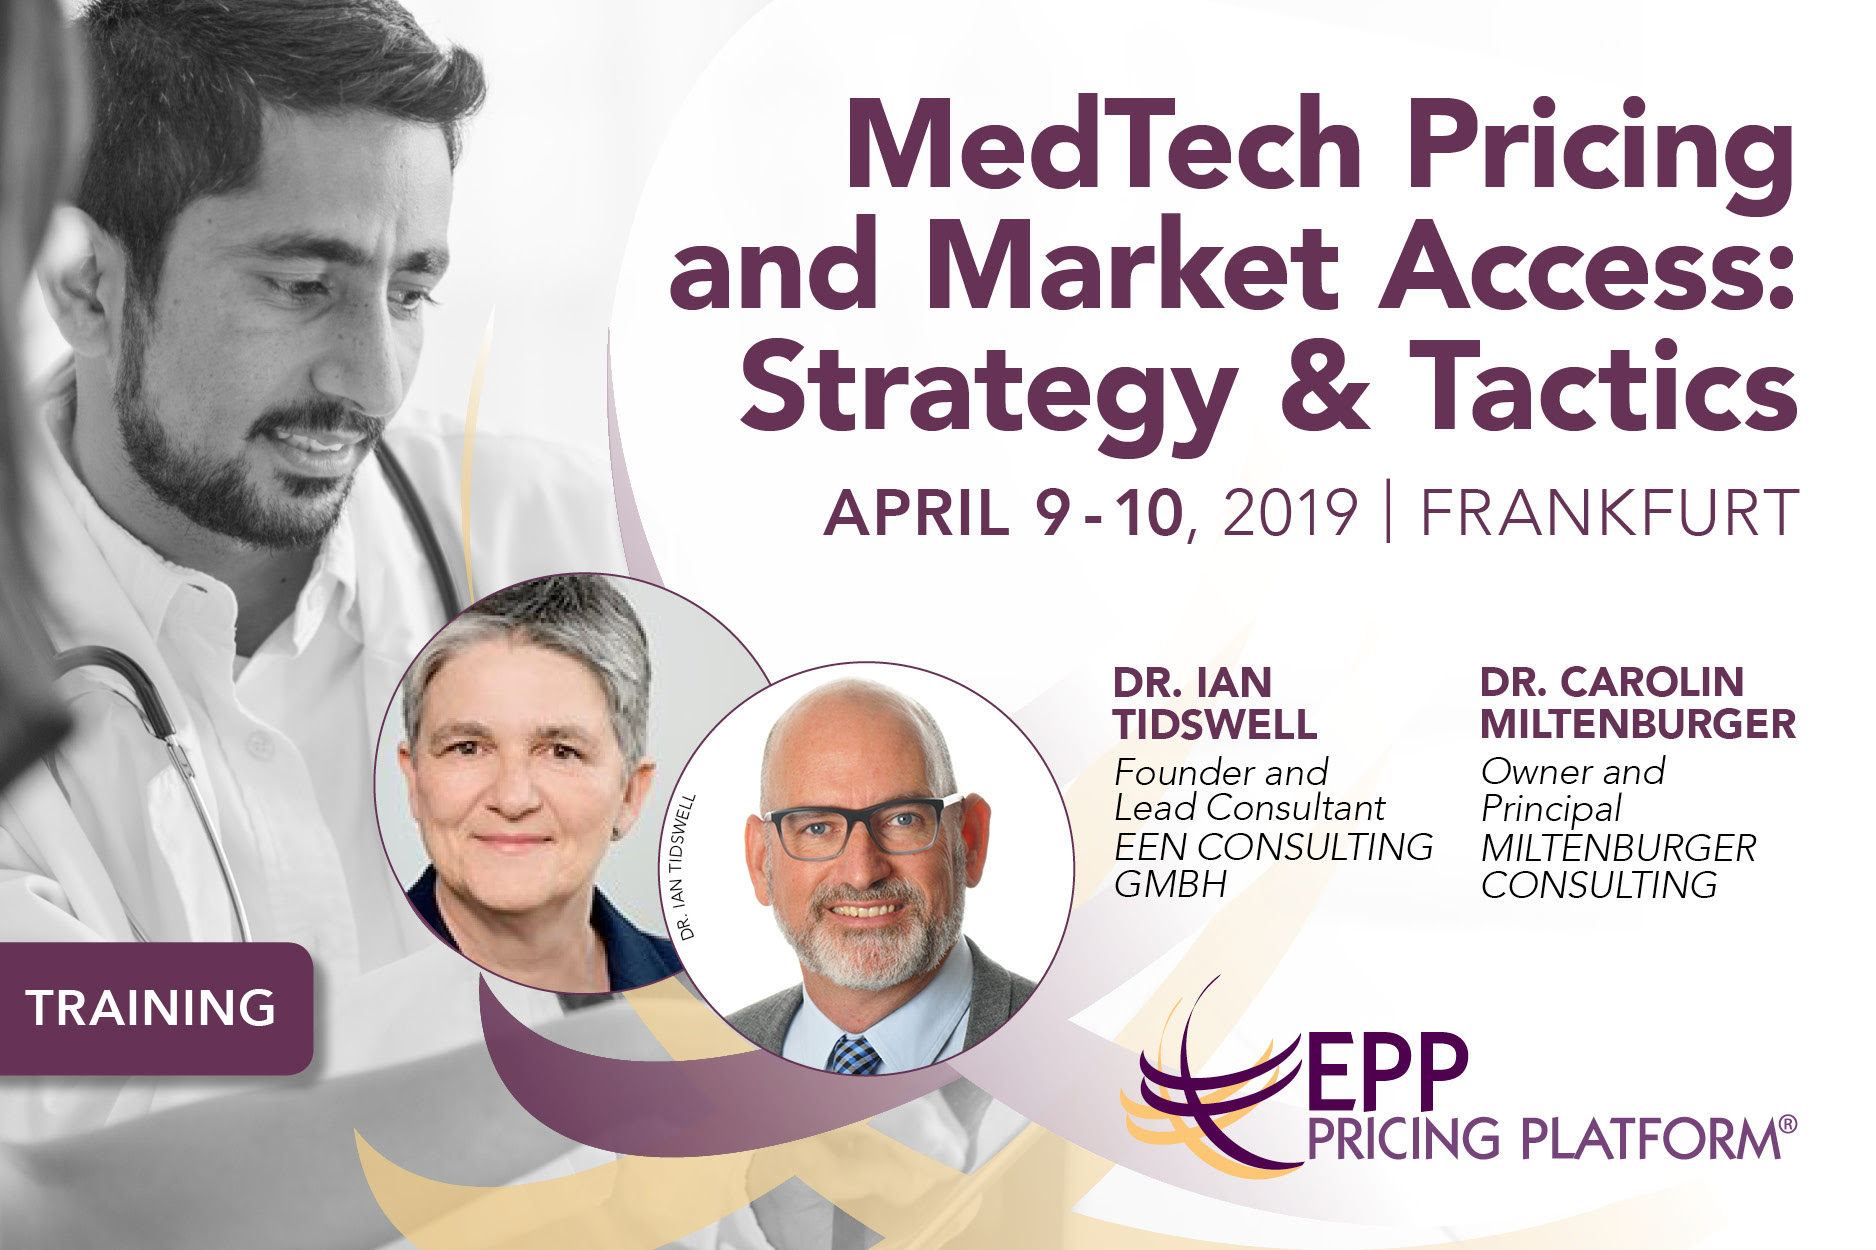 MedTech Pricing Training 2019-04-09.jpg